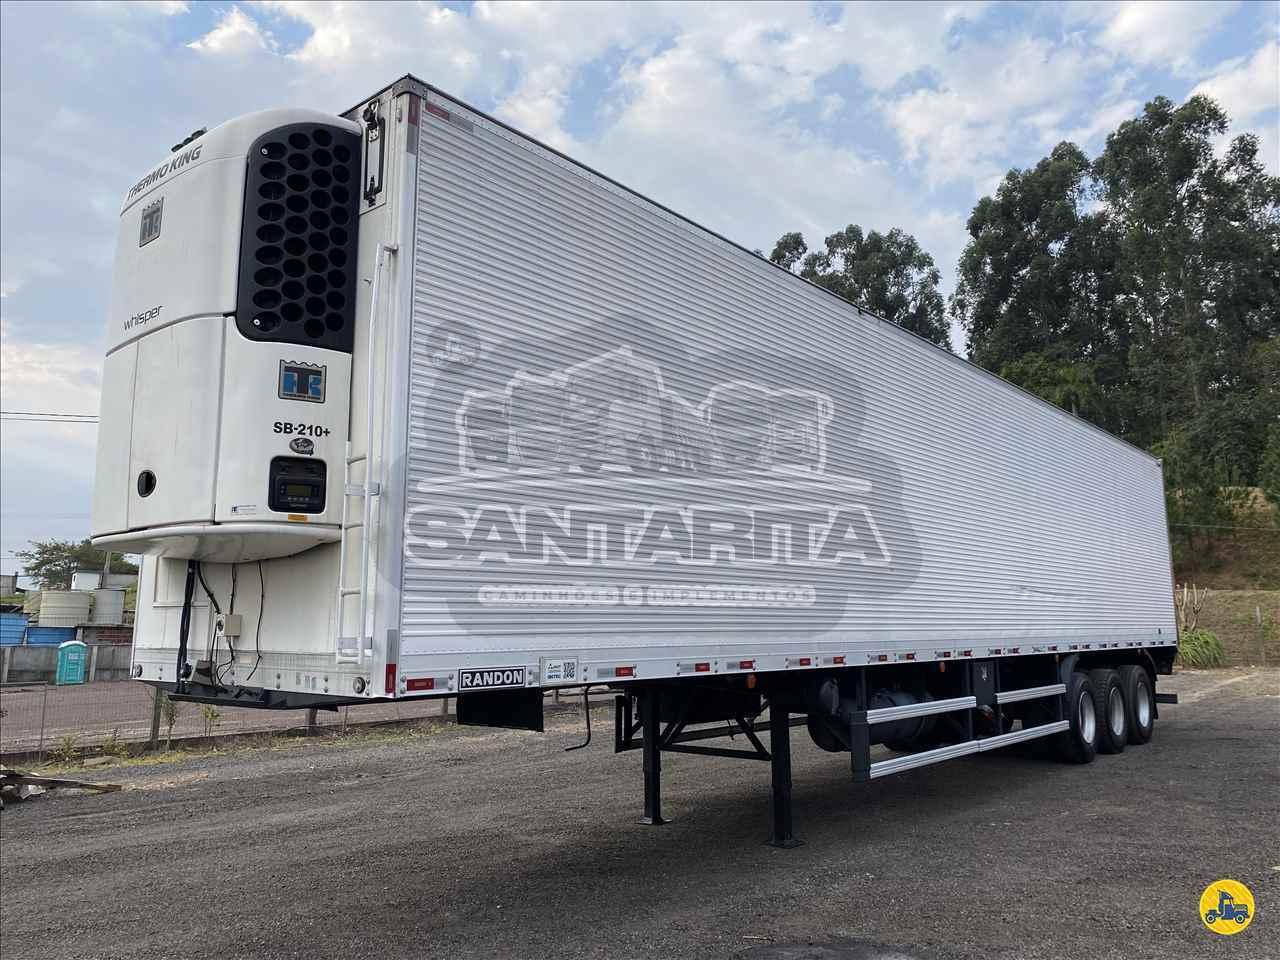 CARRETA SEMI-REBOQUE FRIGORIFICO Santa Rita Caminhões ESTRELA RIO GRANDE DO SUL RS